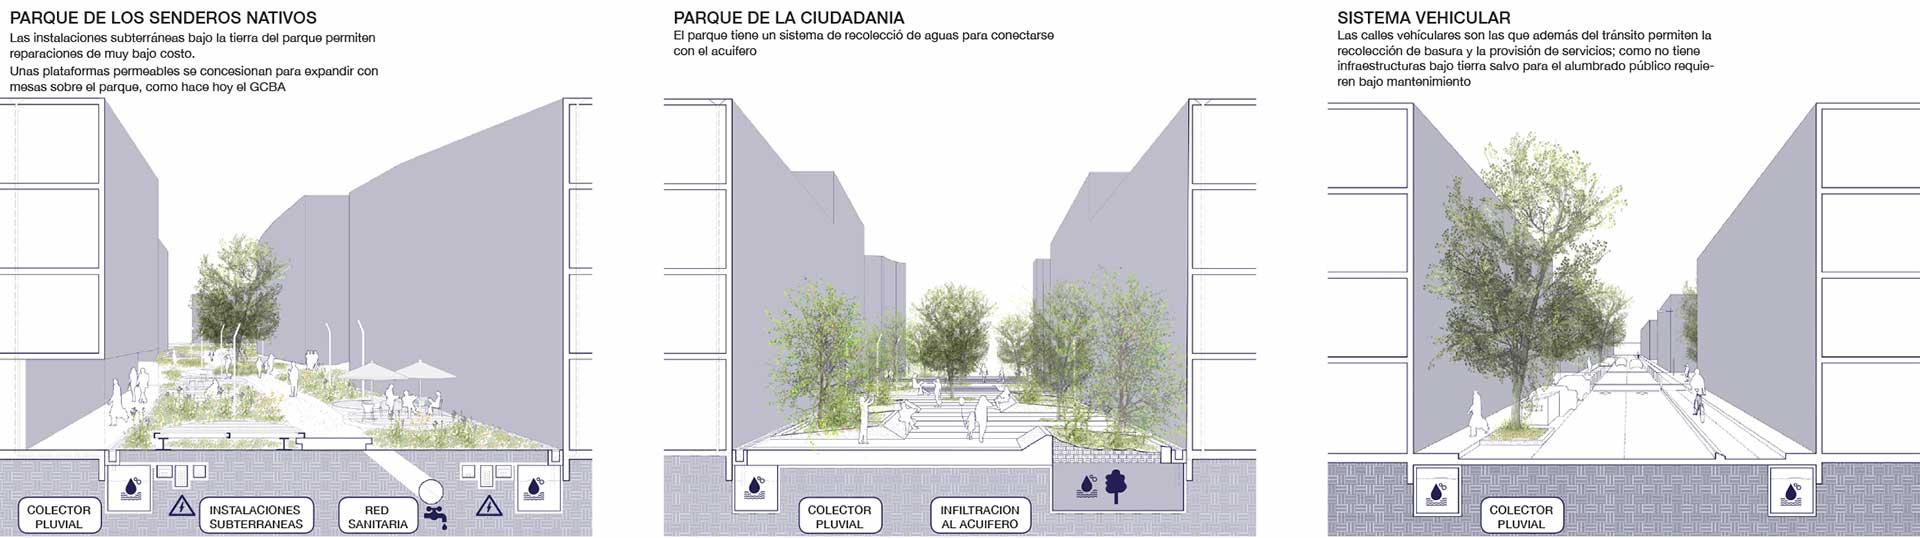 Arquitectura, Paisaje y Urbanismo, Cortes de los distintas subsistimos de conexiones y la ventaja sobre la trama tradicional